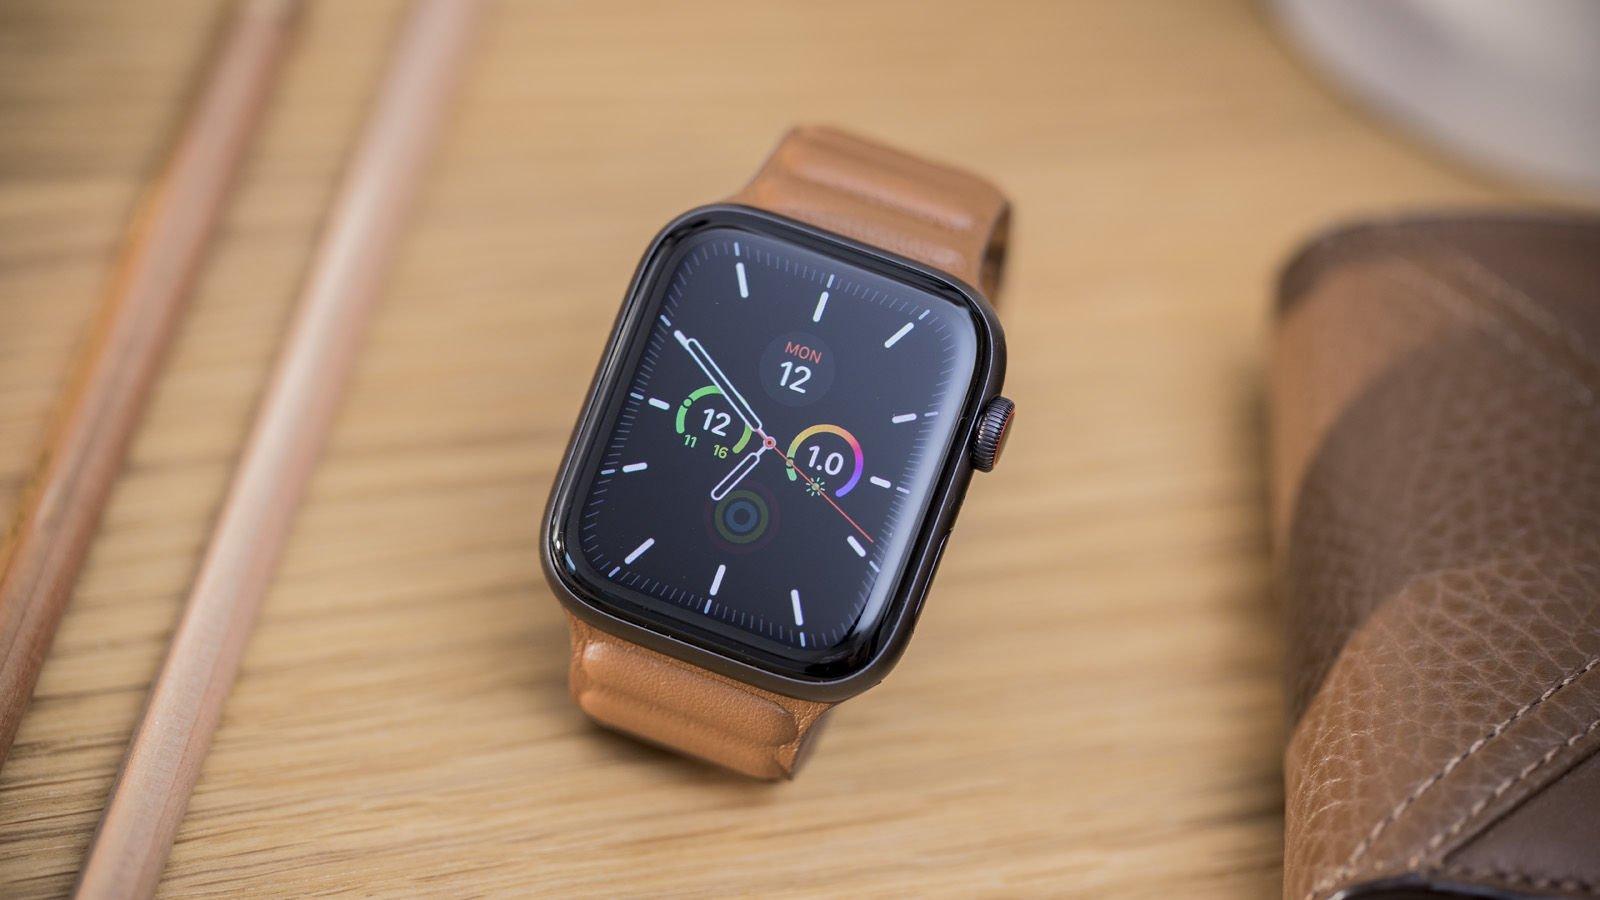 Loạt smartwatch về giá tốt, đáng chú ý tại Việt Nam - Ảnh 2.